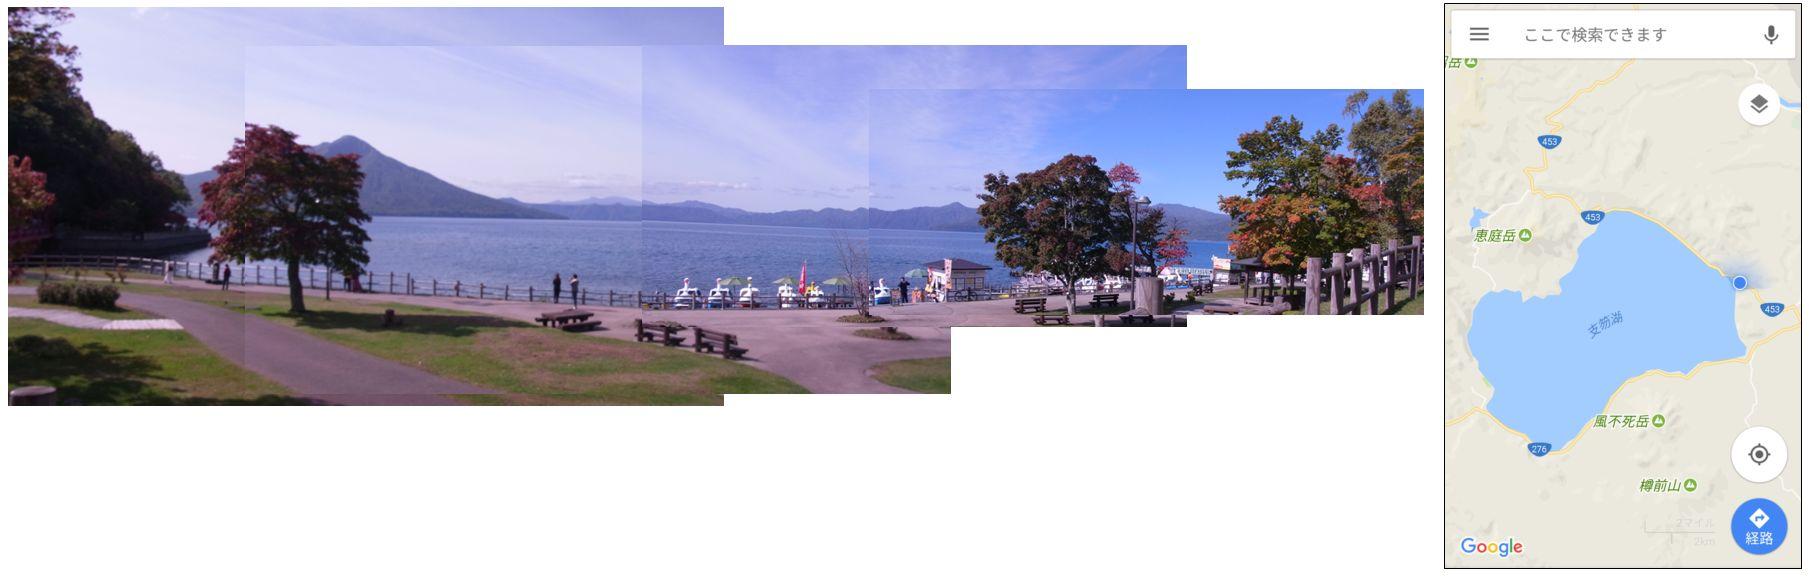 20171006 支笏湖湖畔